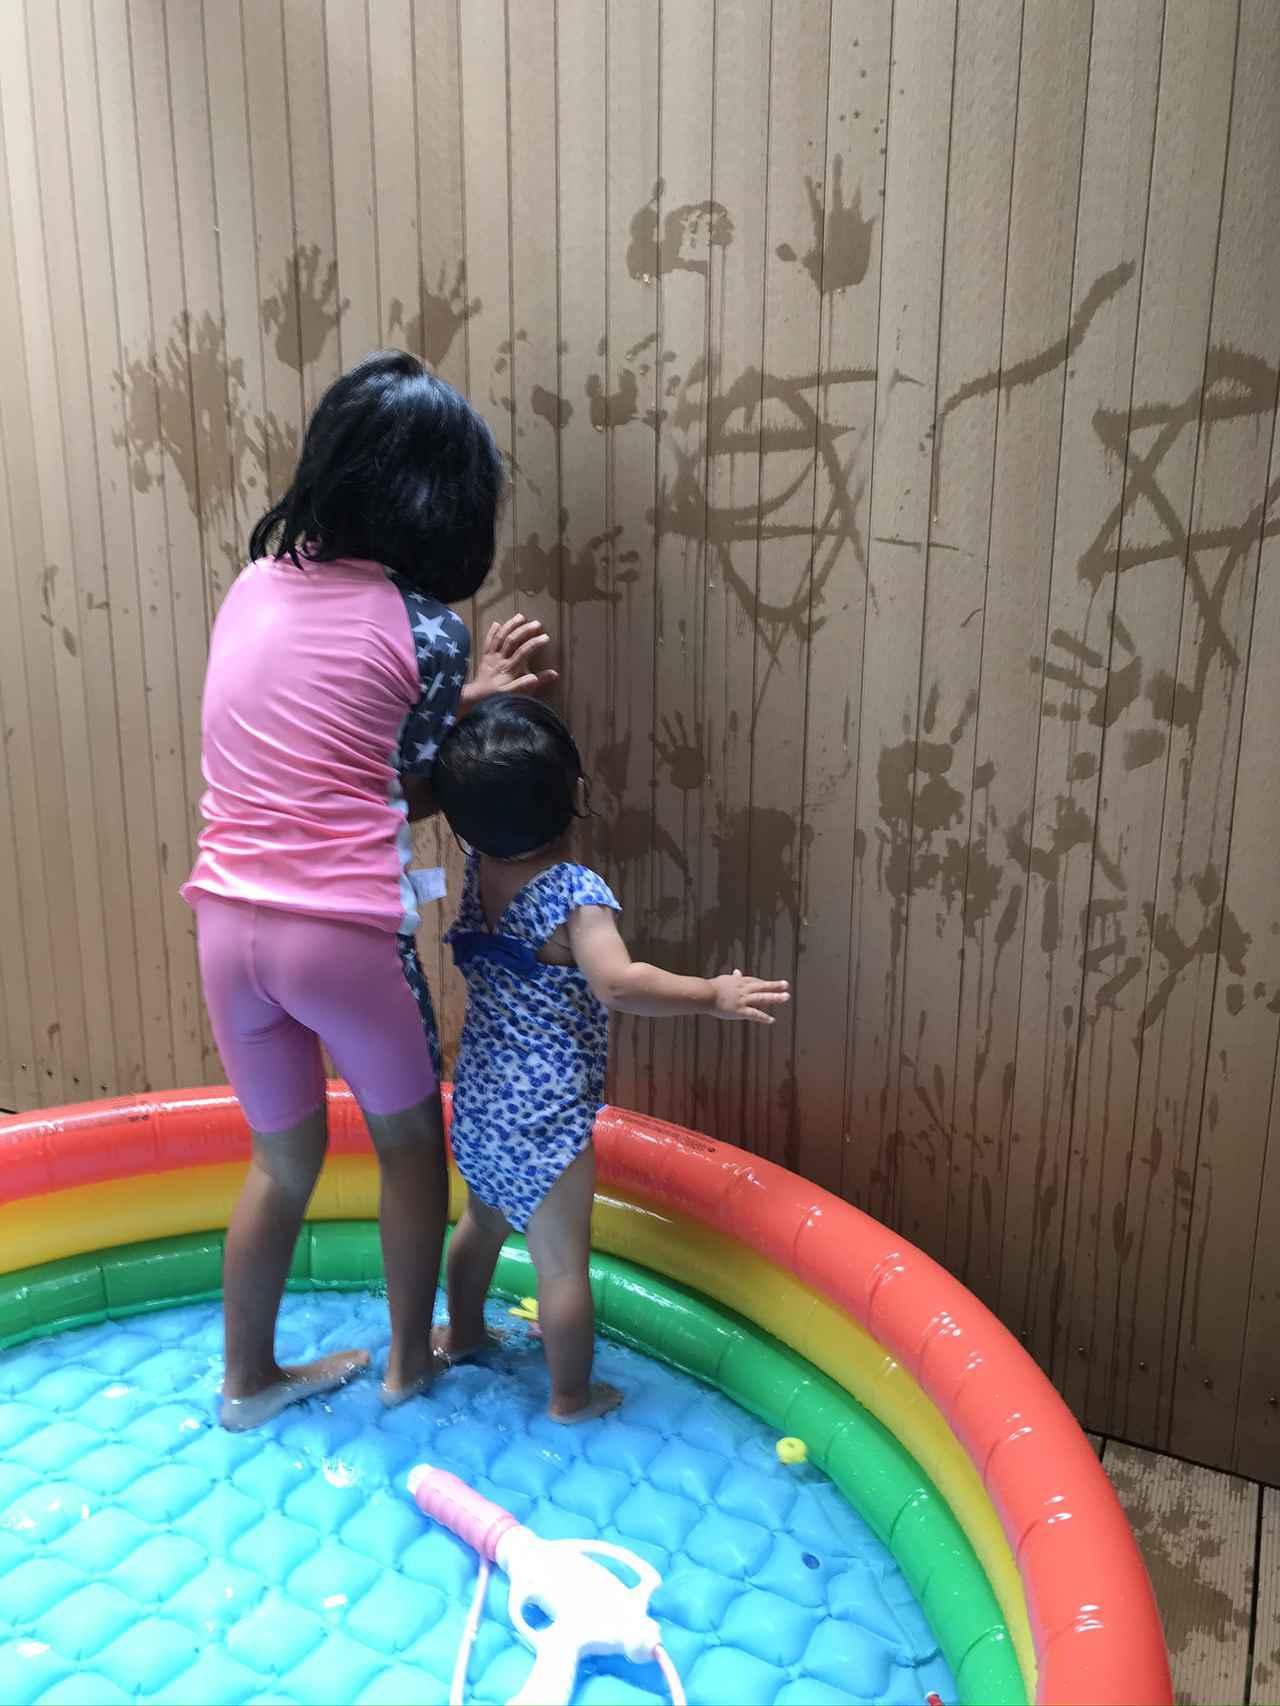 画像: 同シリーズの大きめサイズ、直径(約)147×33cmのビニールプールで、幼児2人が遊ぶ様子。子どもはどんな動きをするか予想が付かないので、安全のためにも底のクッションが欠かせない。